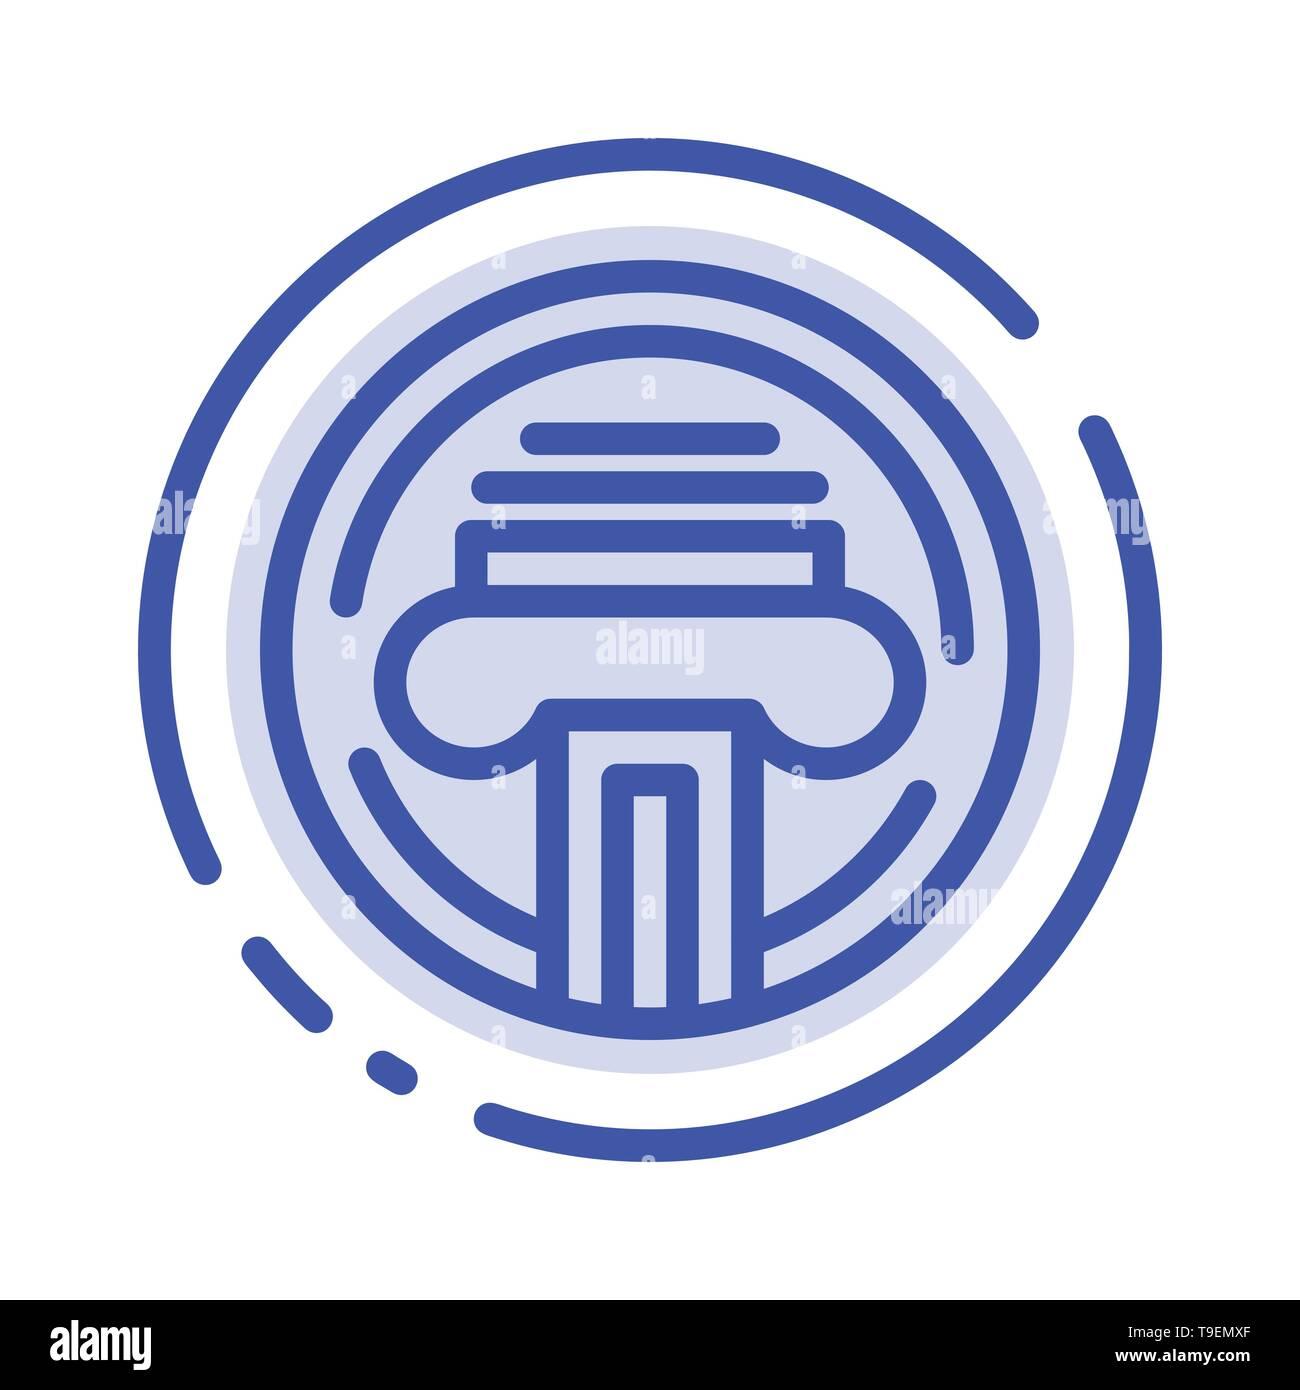 Type d'imprimante, machine à écrire, l'écrivain, l'icône de la ligne en pointillé bleu Illustration de Vecteur